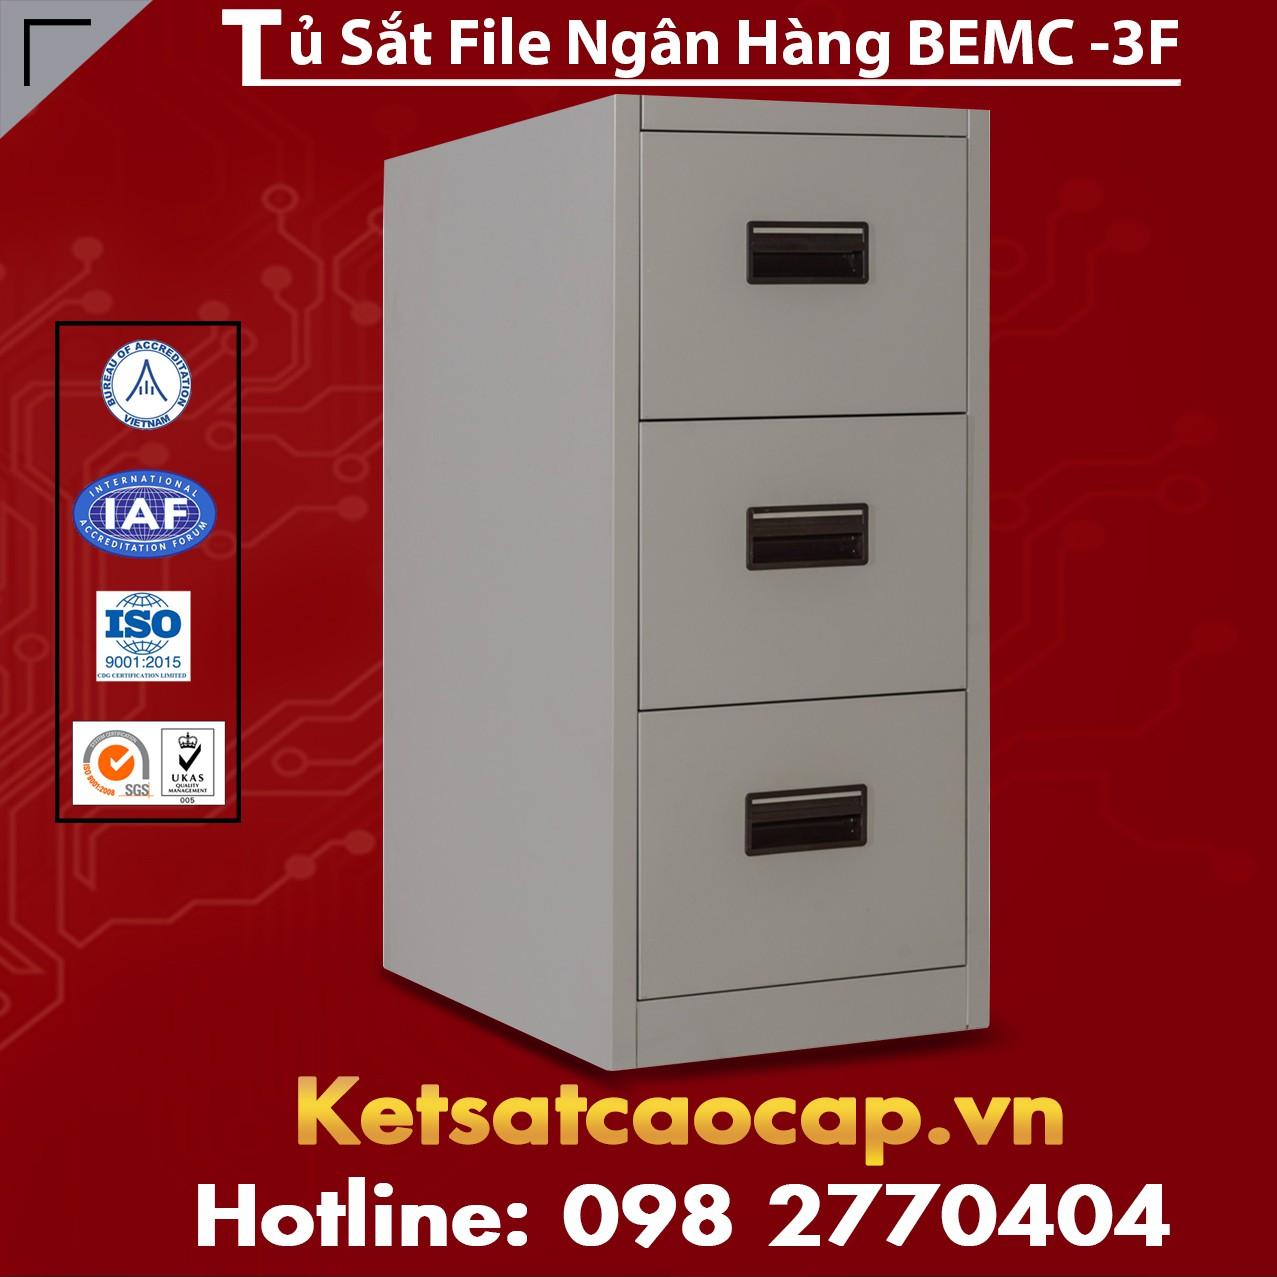 Tủ Sắt File Ngân Hàng BEMC - 3F